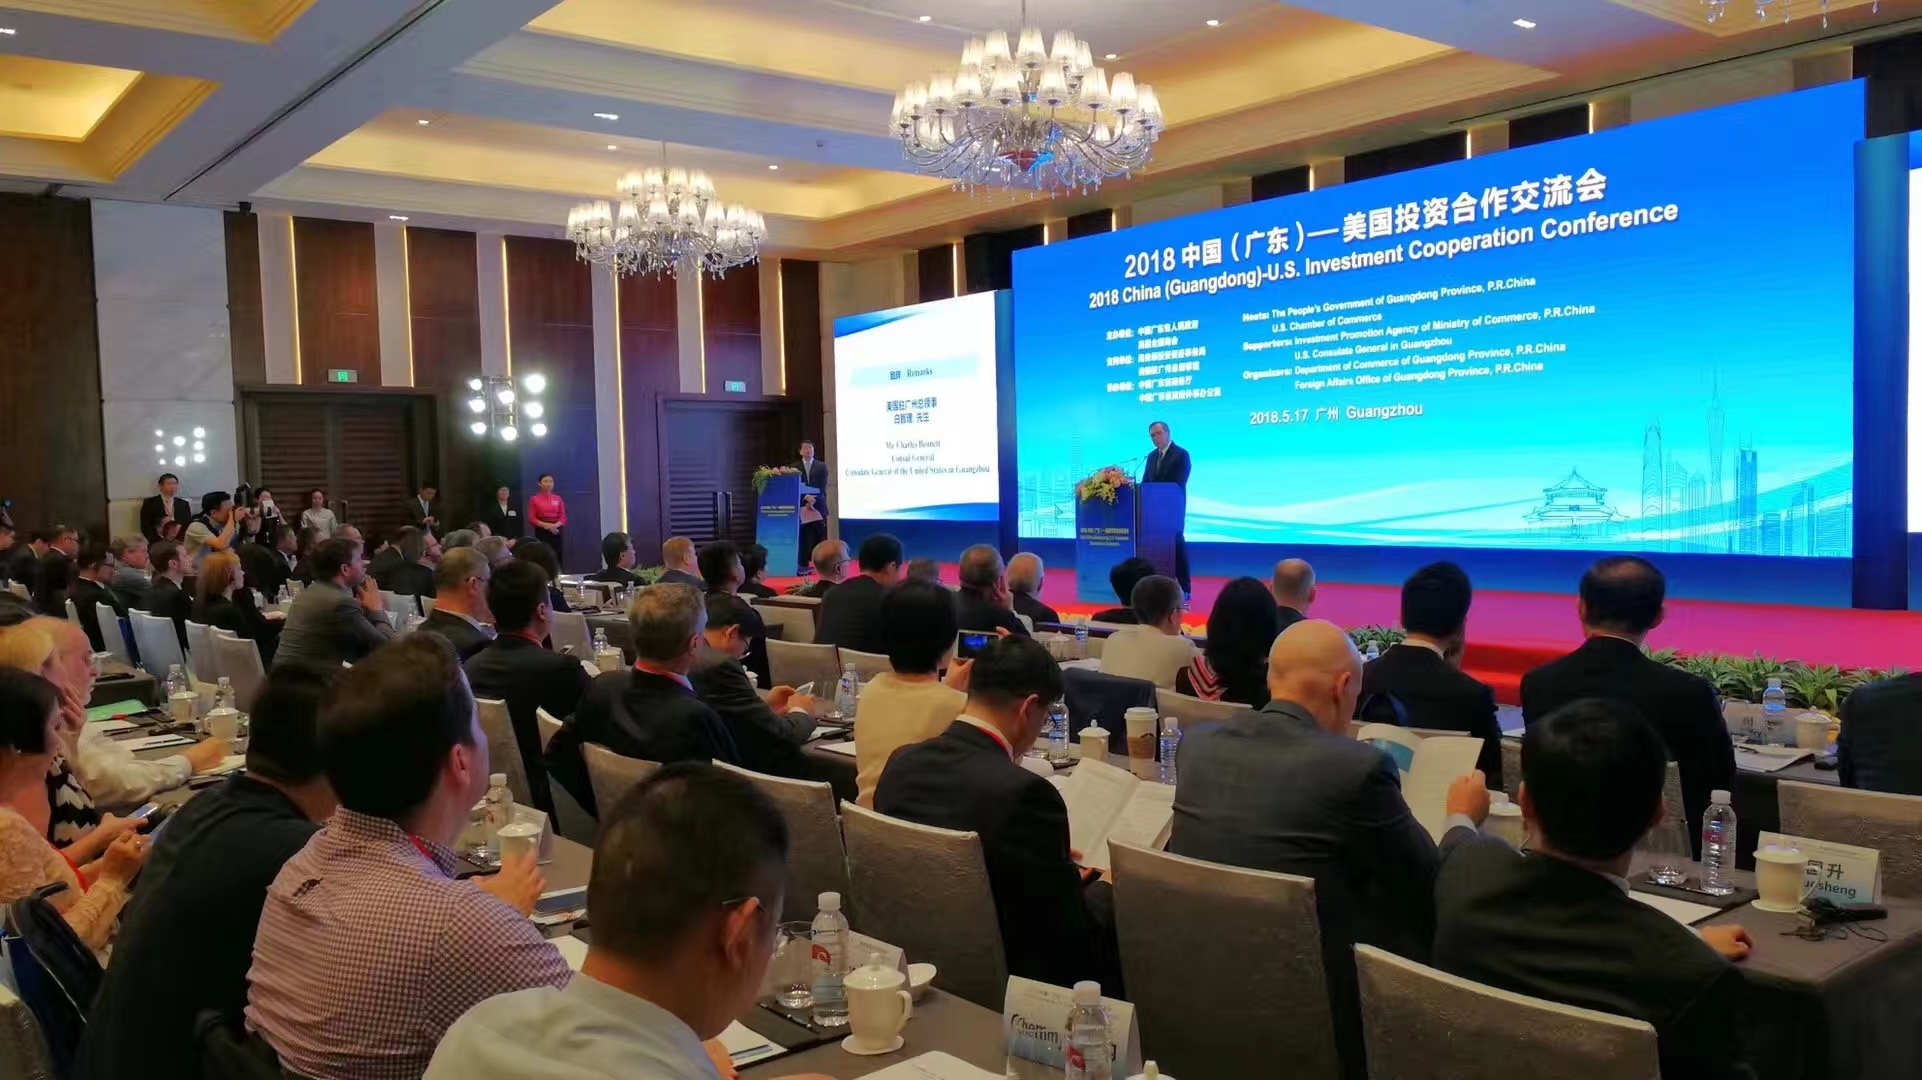 2018 FinTech Summit